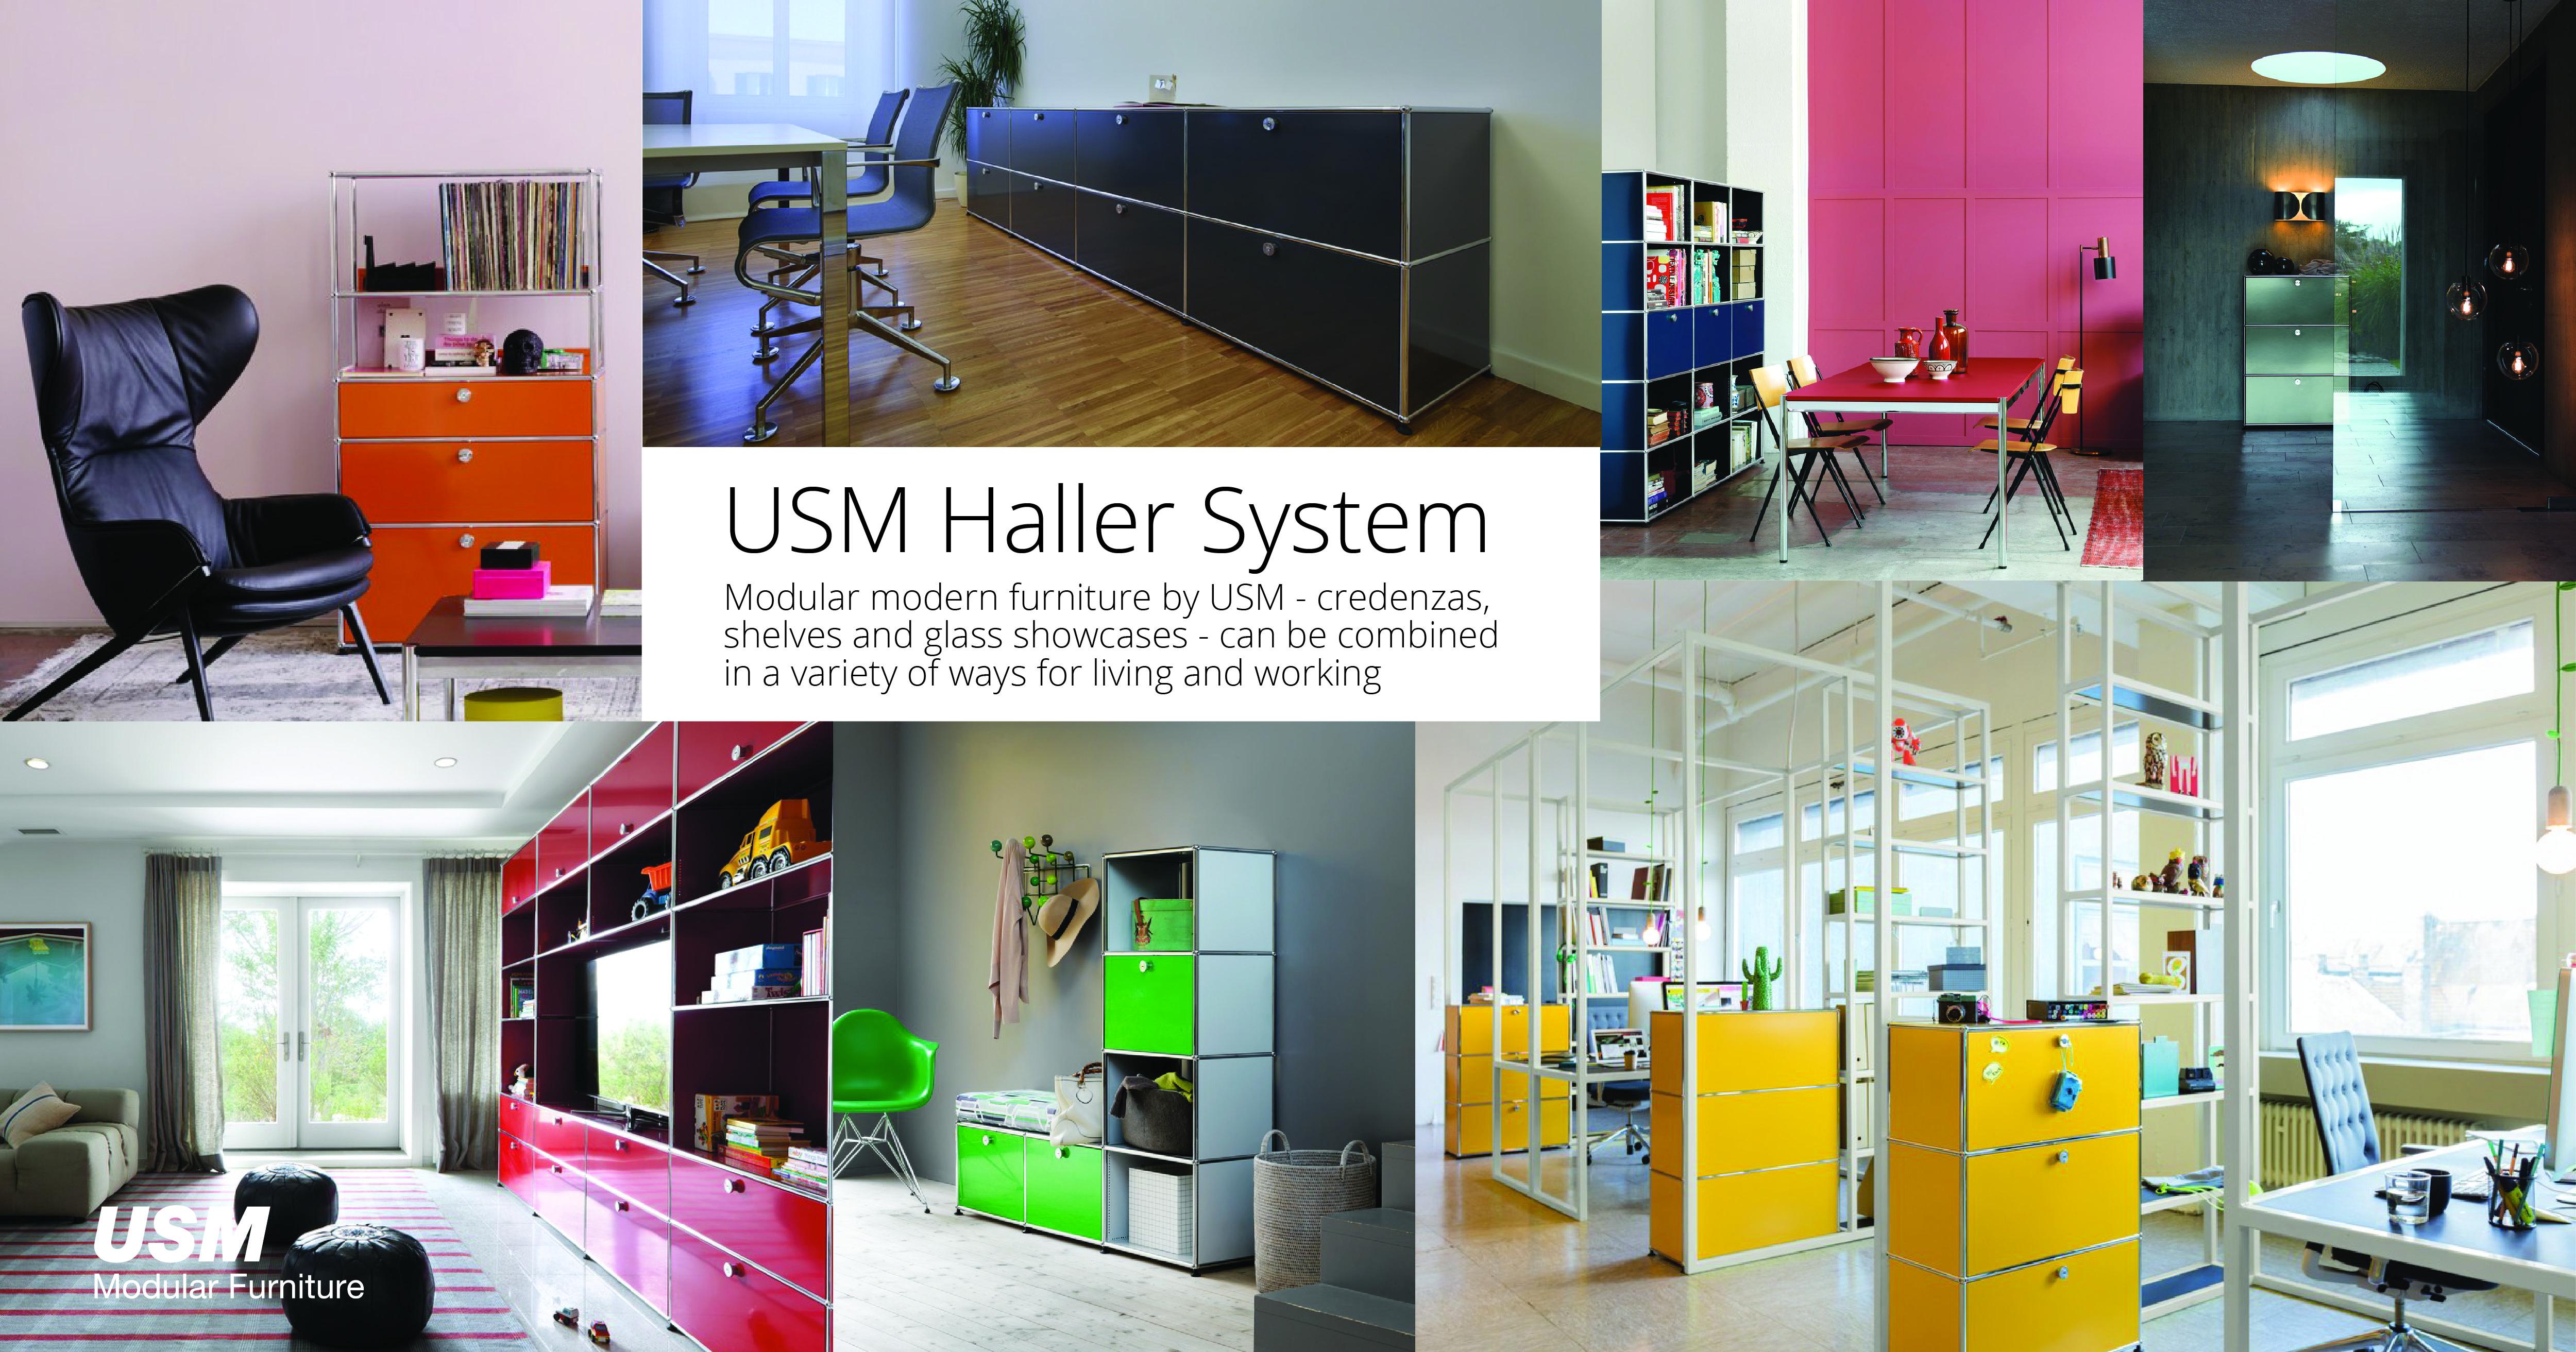 USM at 100% design